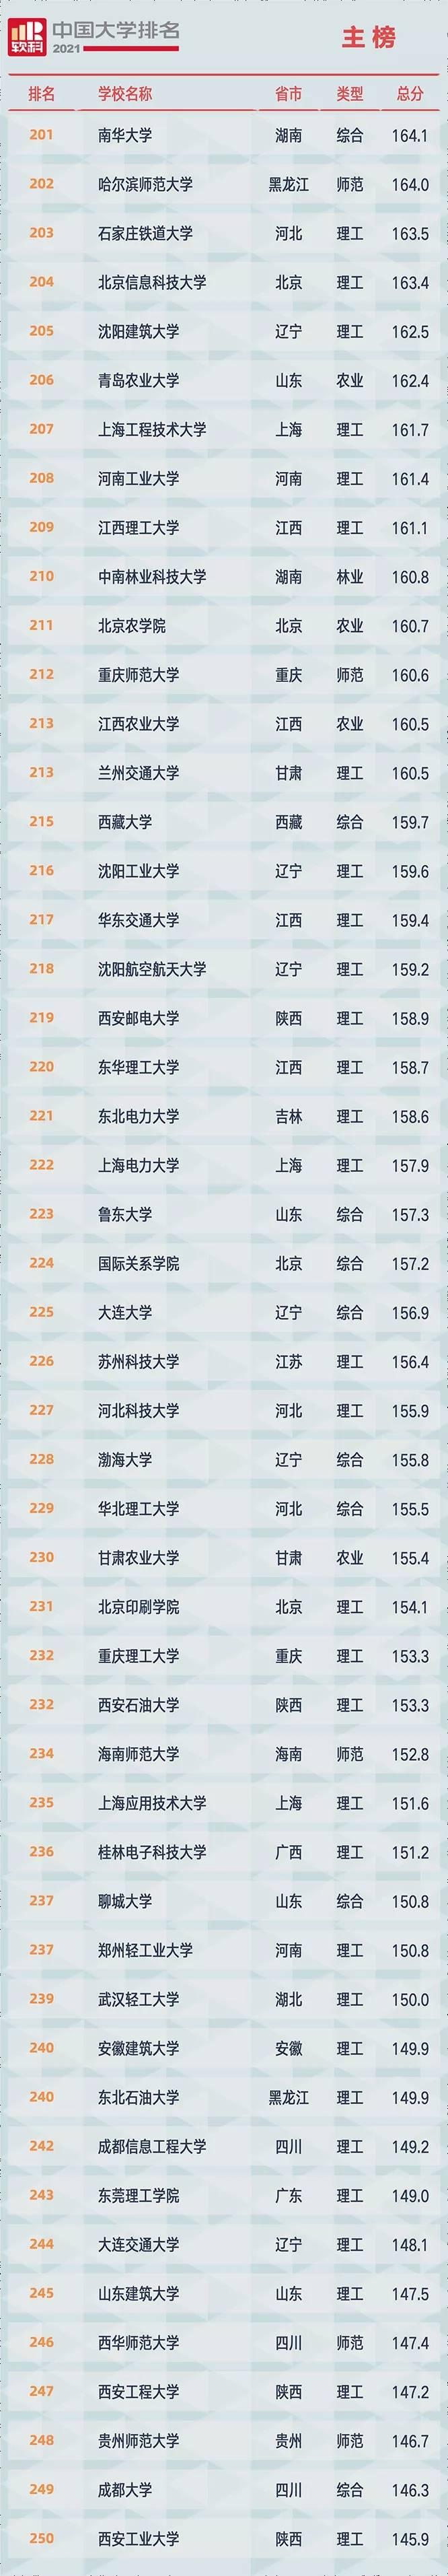 2021软科中国大学排名发布:清华大学、北京大学、浙江大学占据前三